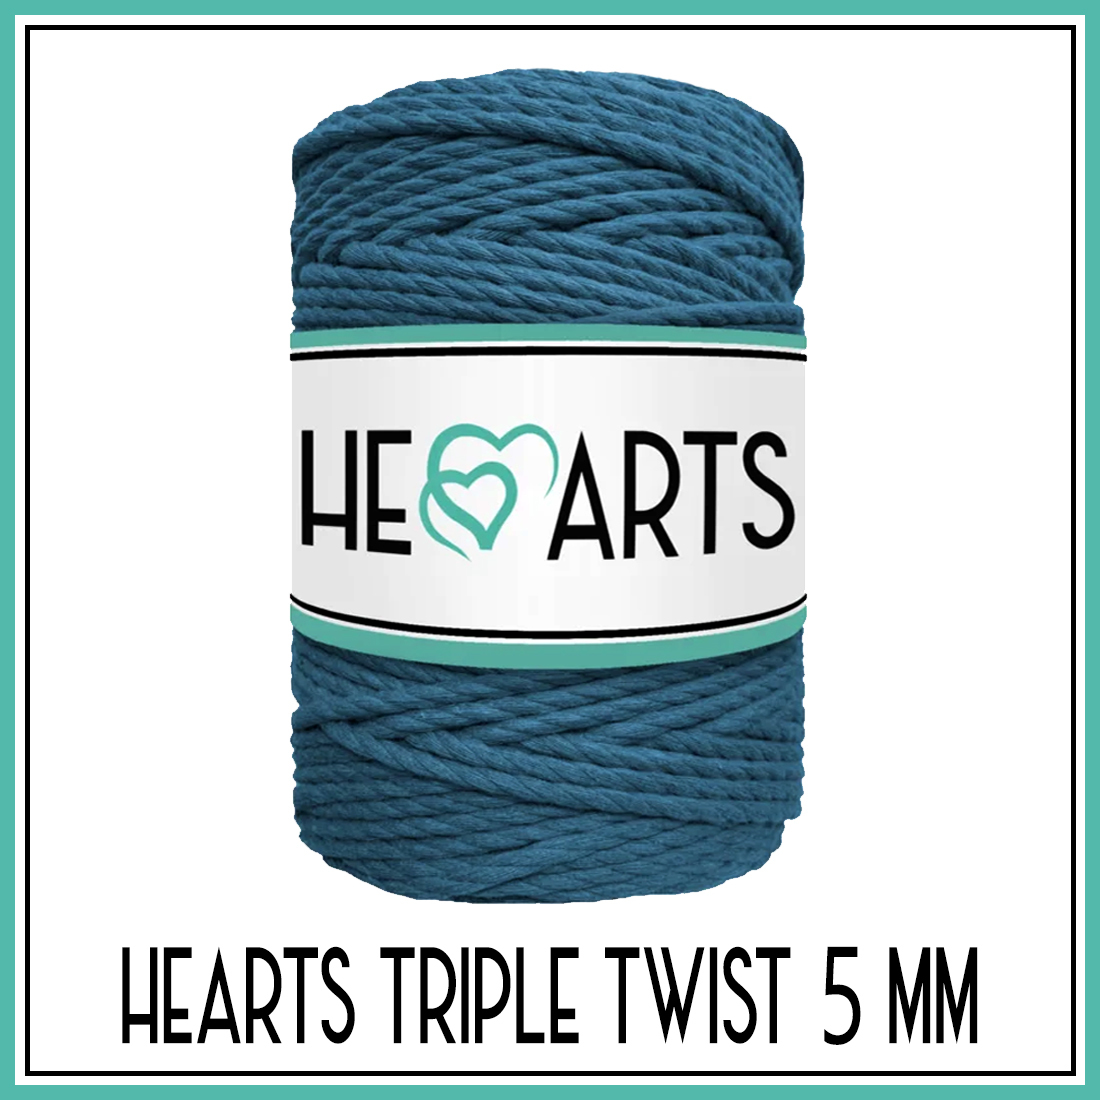 hearts triple 5 mm 100 meter